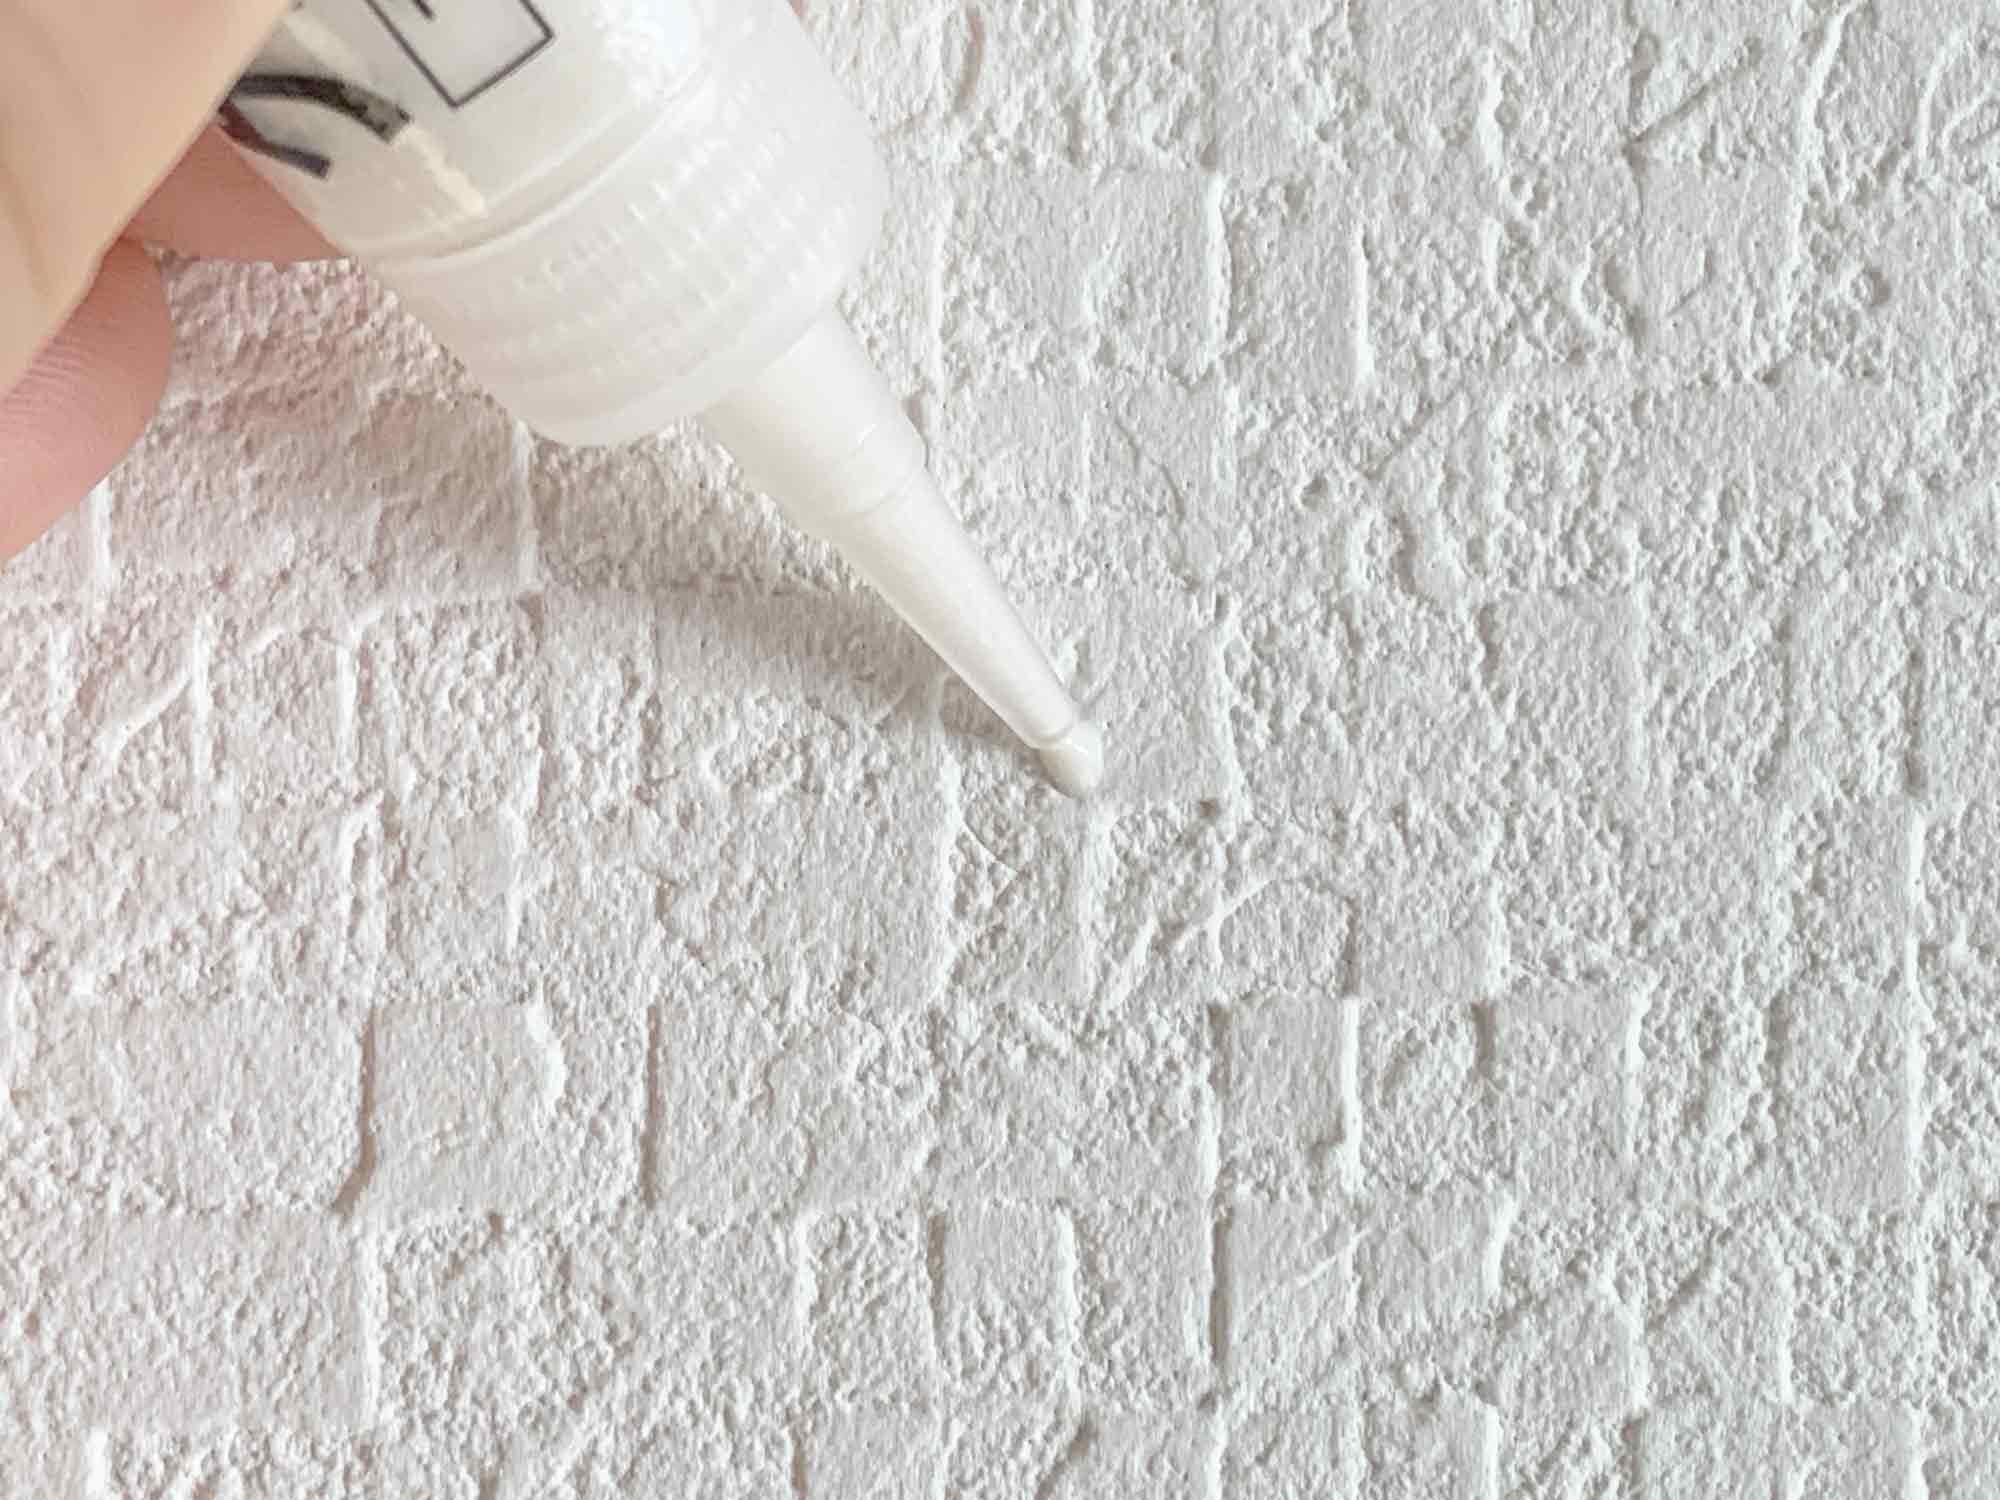 壁に開いた画鋲の穴にパテで補修する様子